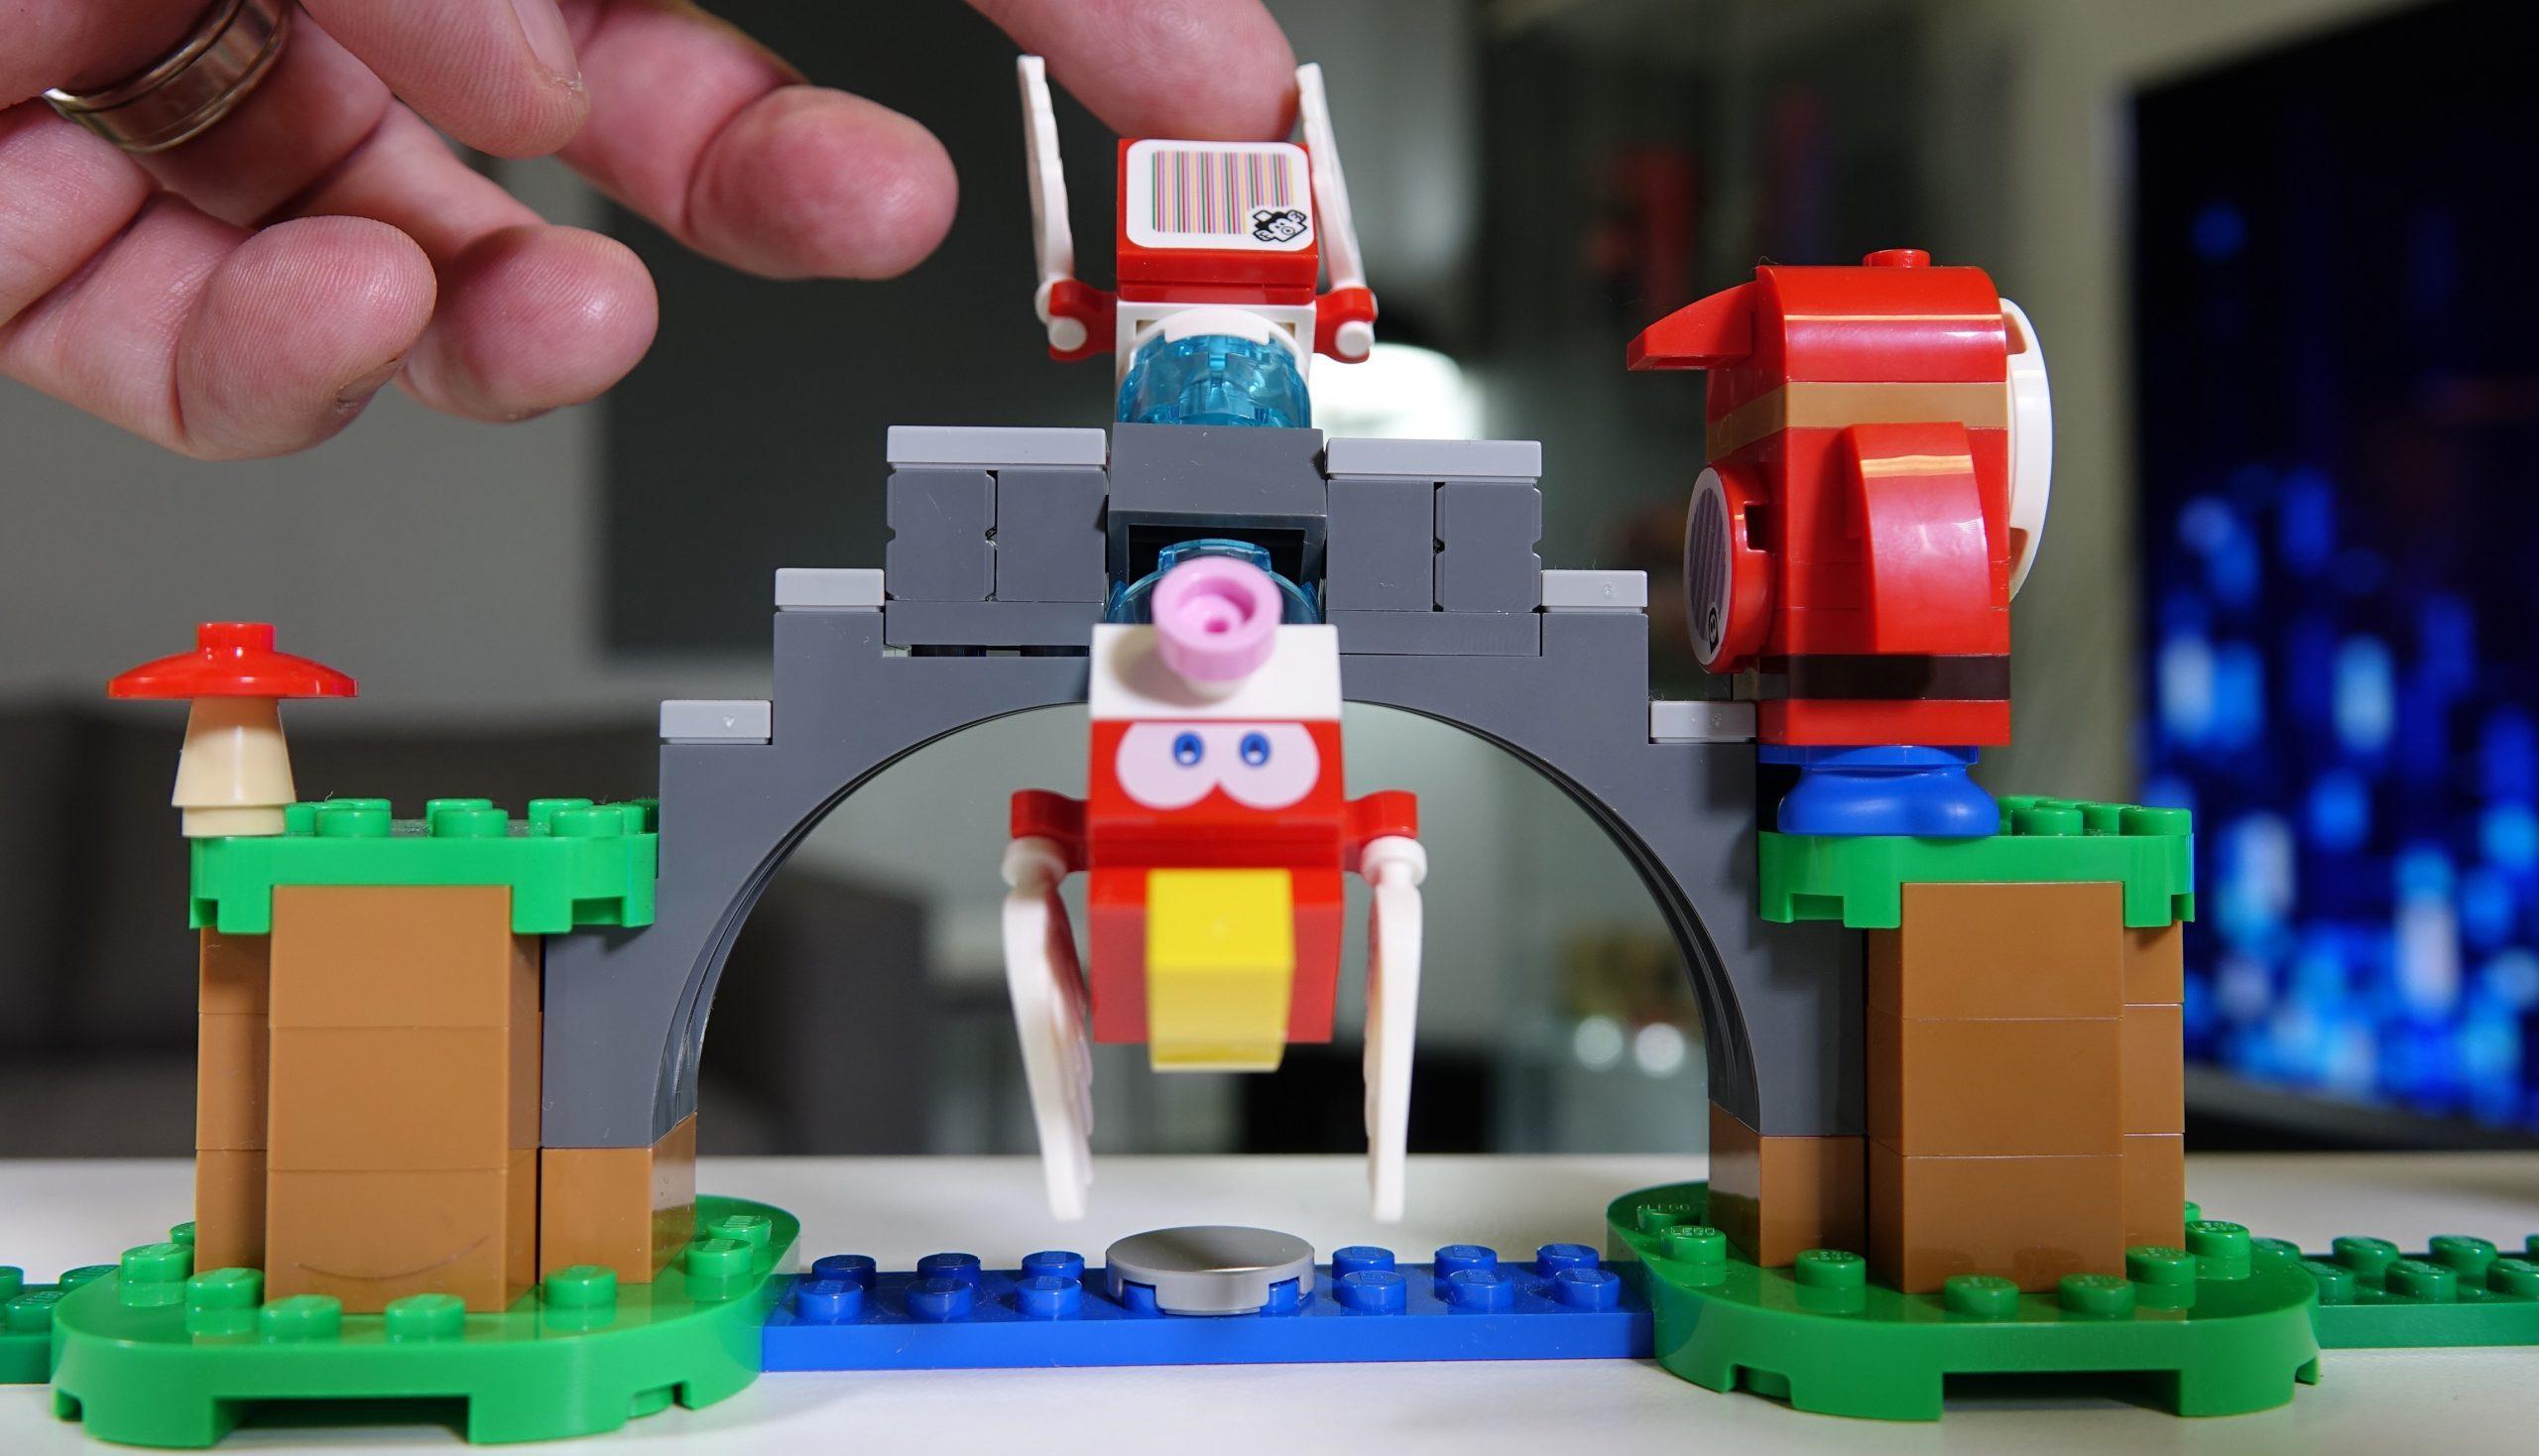 O Mario virou lego!